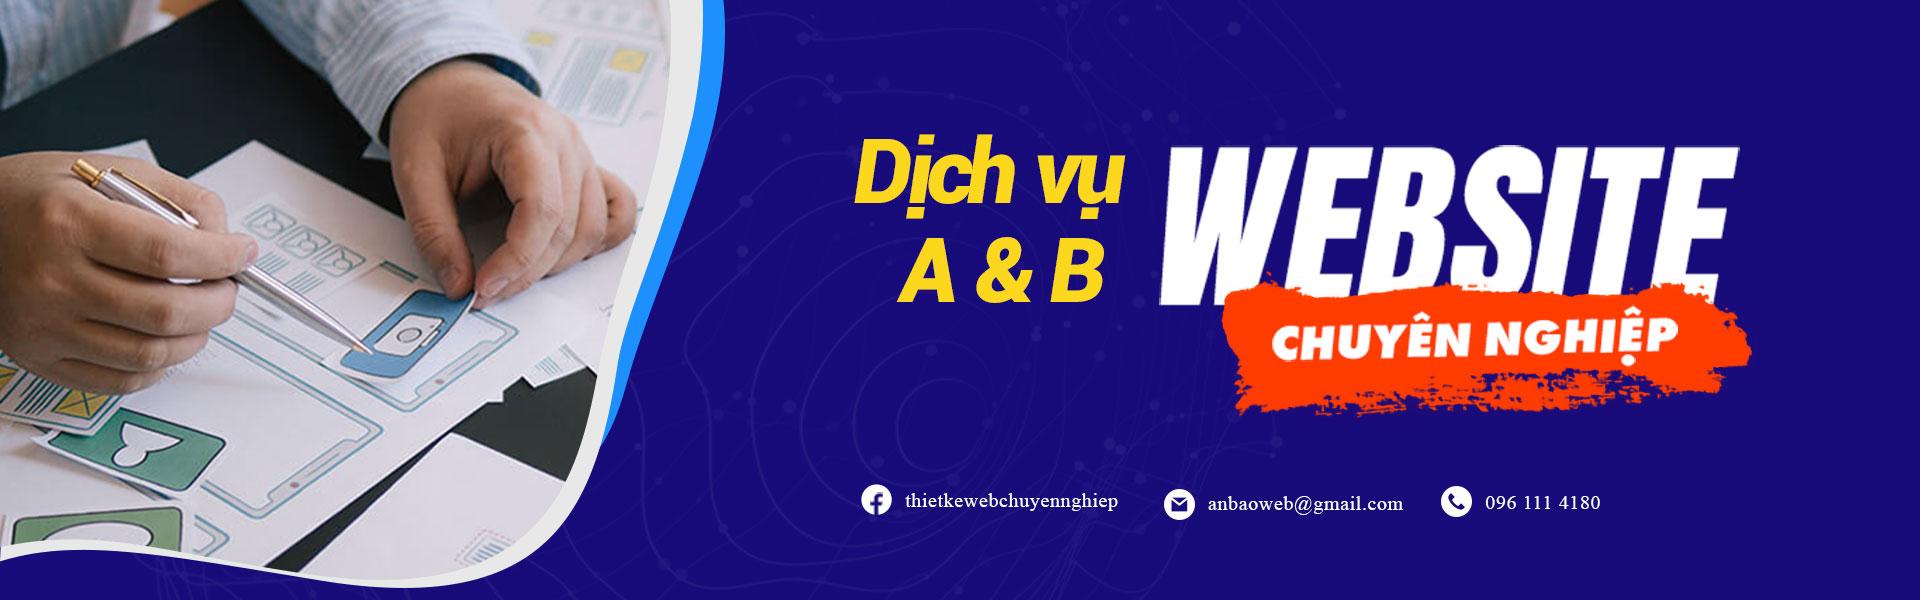 Dịch vụ Website chuyên nghiệp A&B Việt Nam